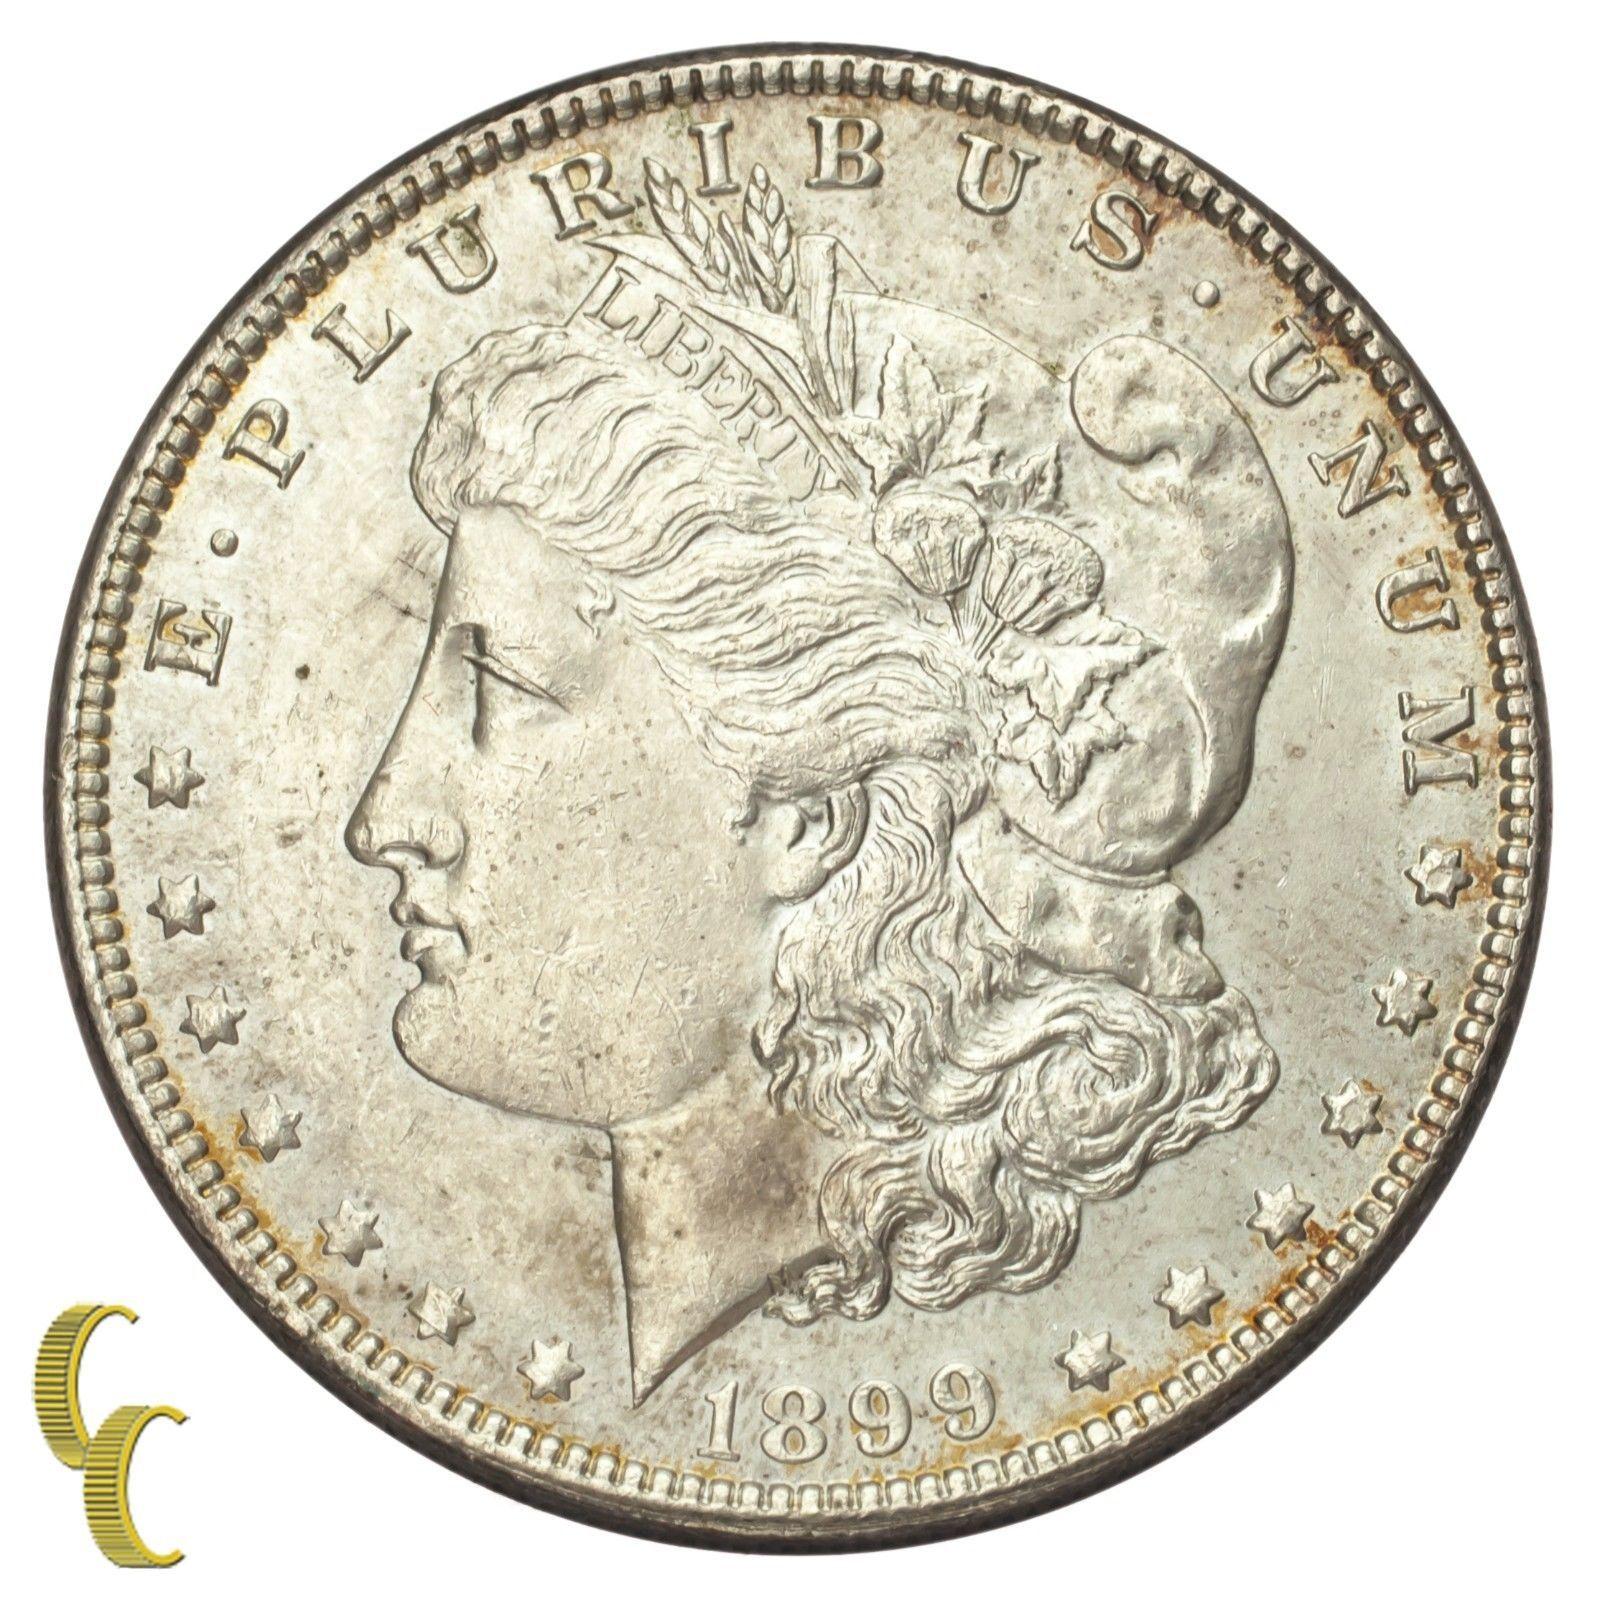 1899 Silver Morgan Dollar $1 (Brilliant Uncirculated, BU Condition)